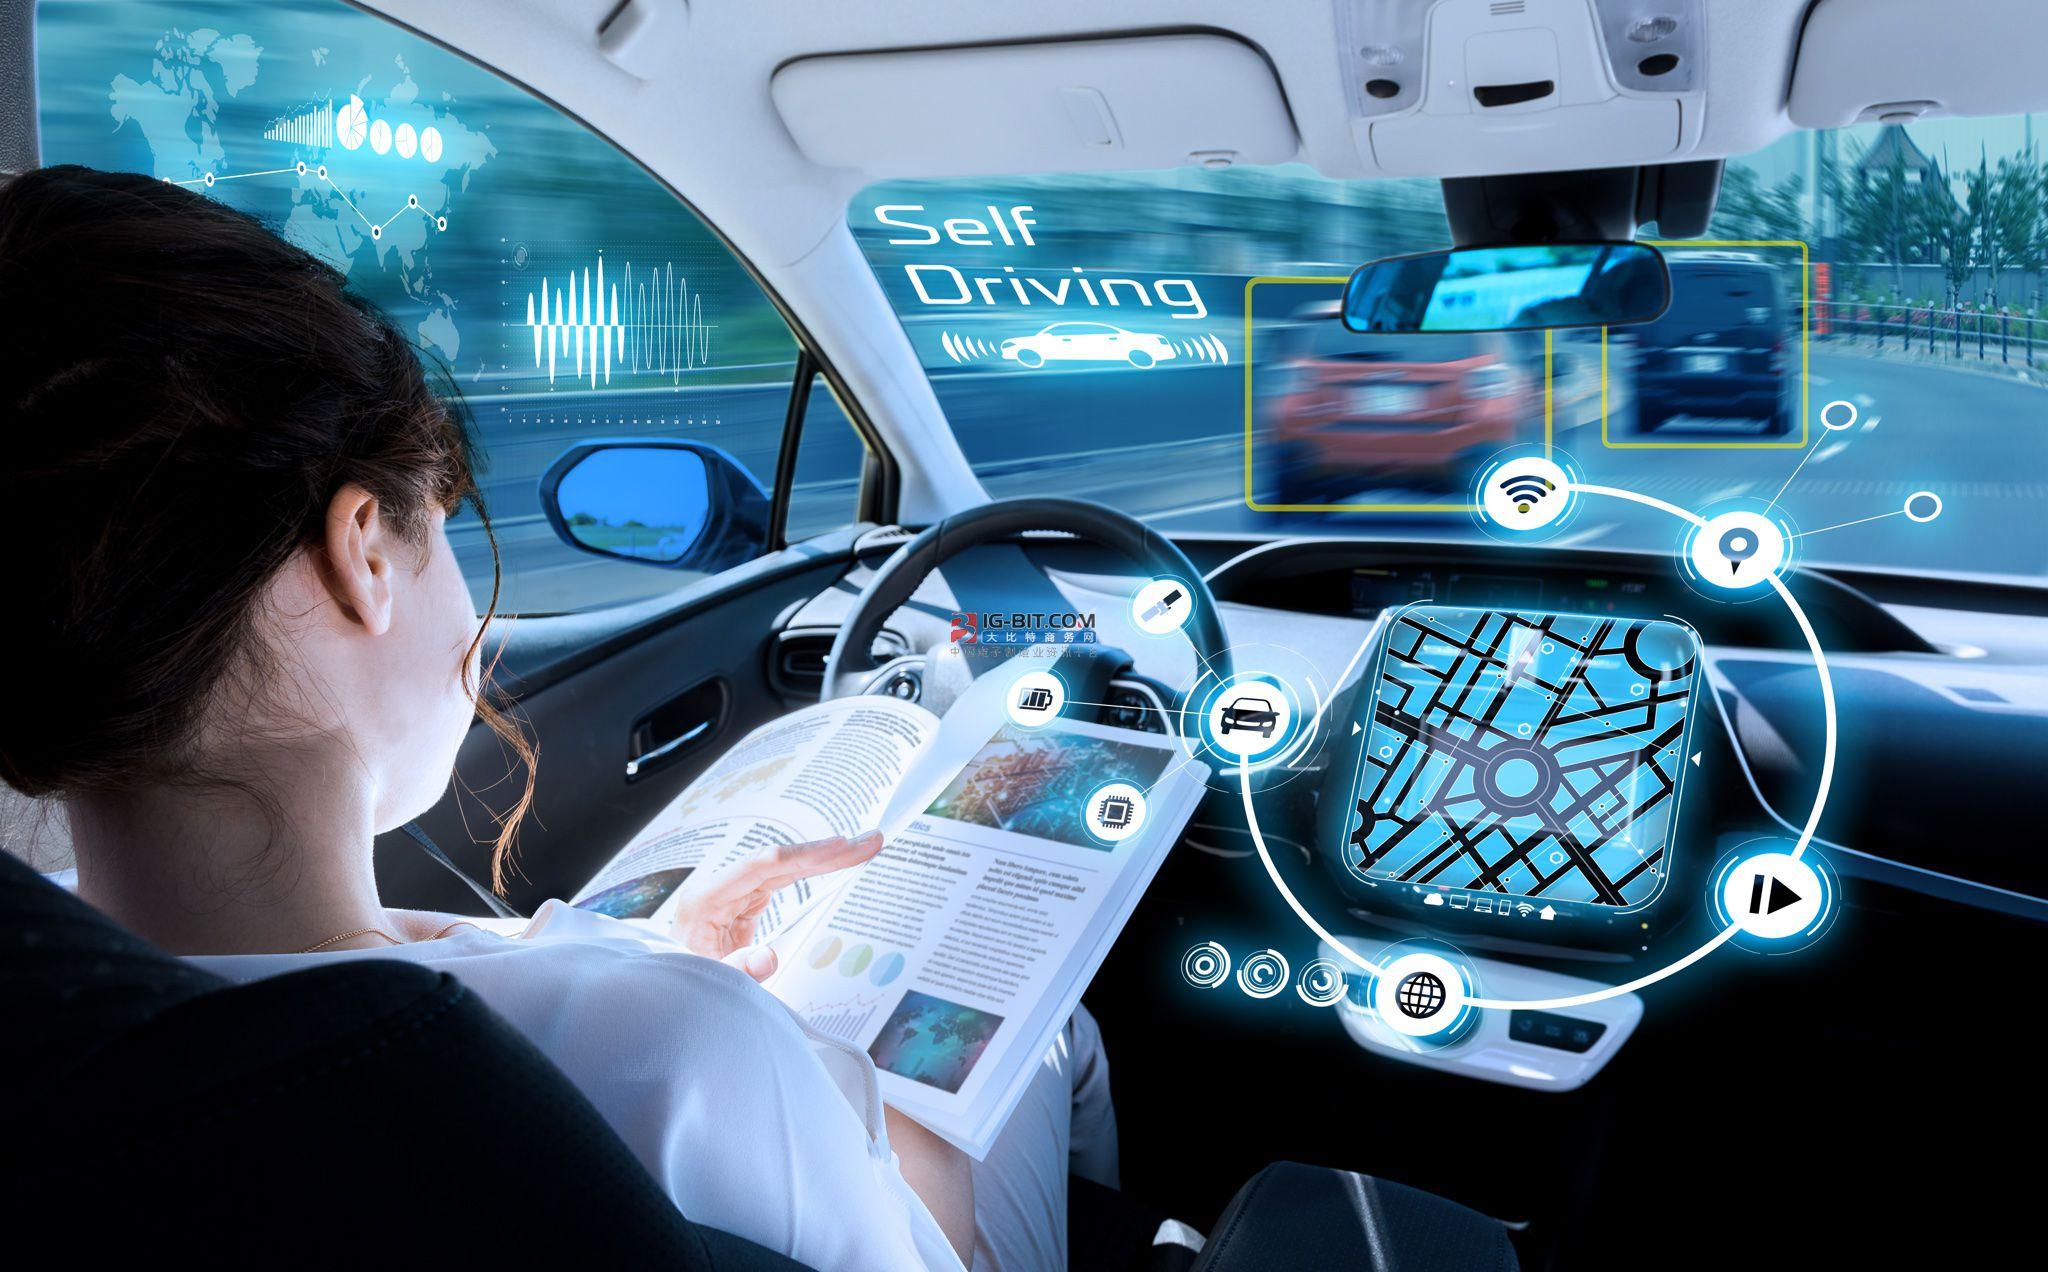 2021年全球無人駕駛汽車市場規模將達70億美元